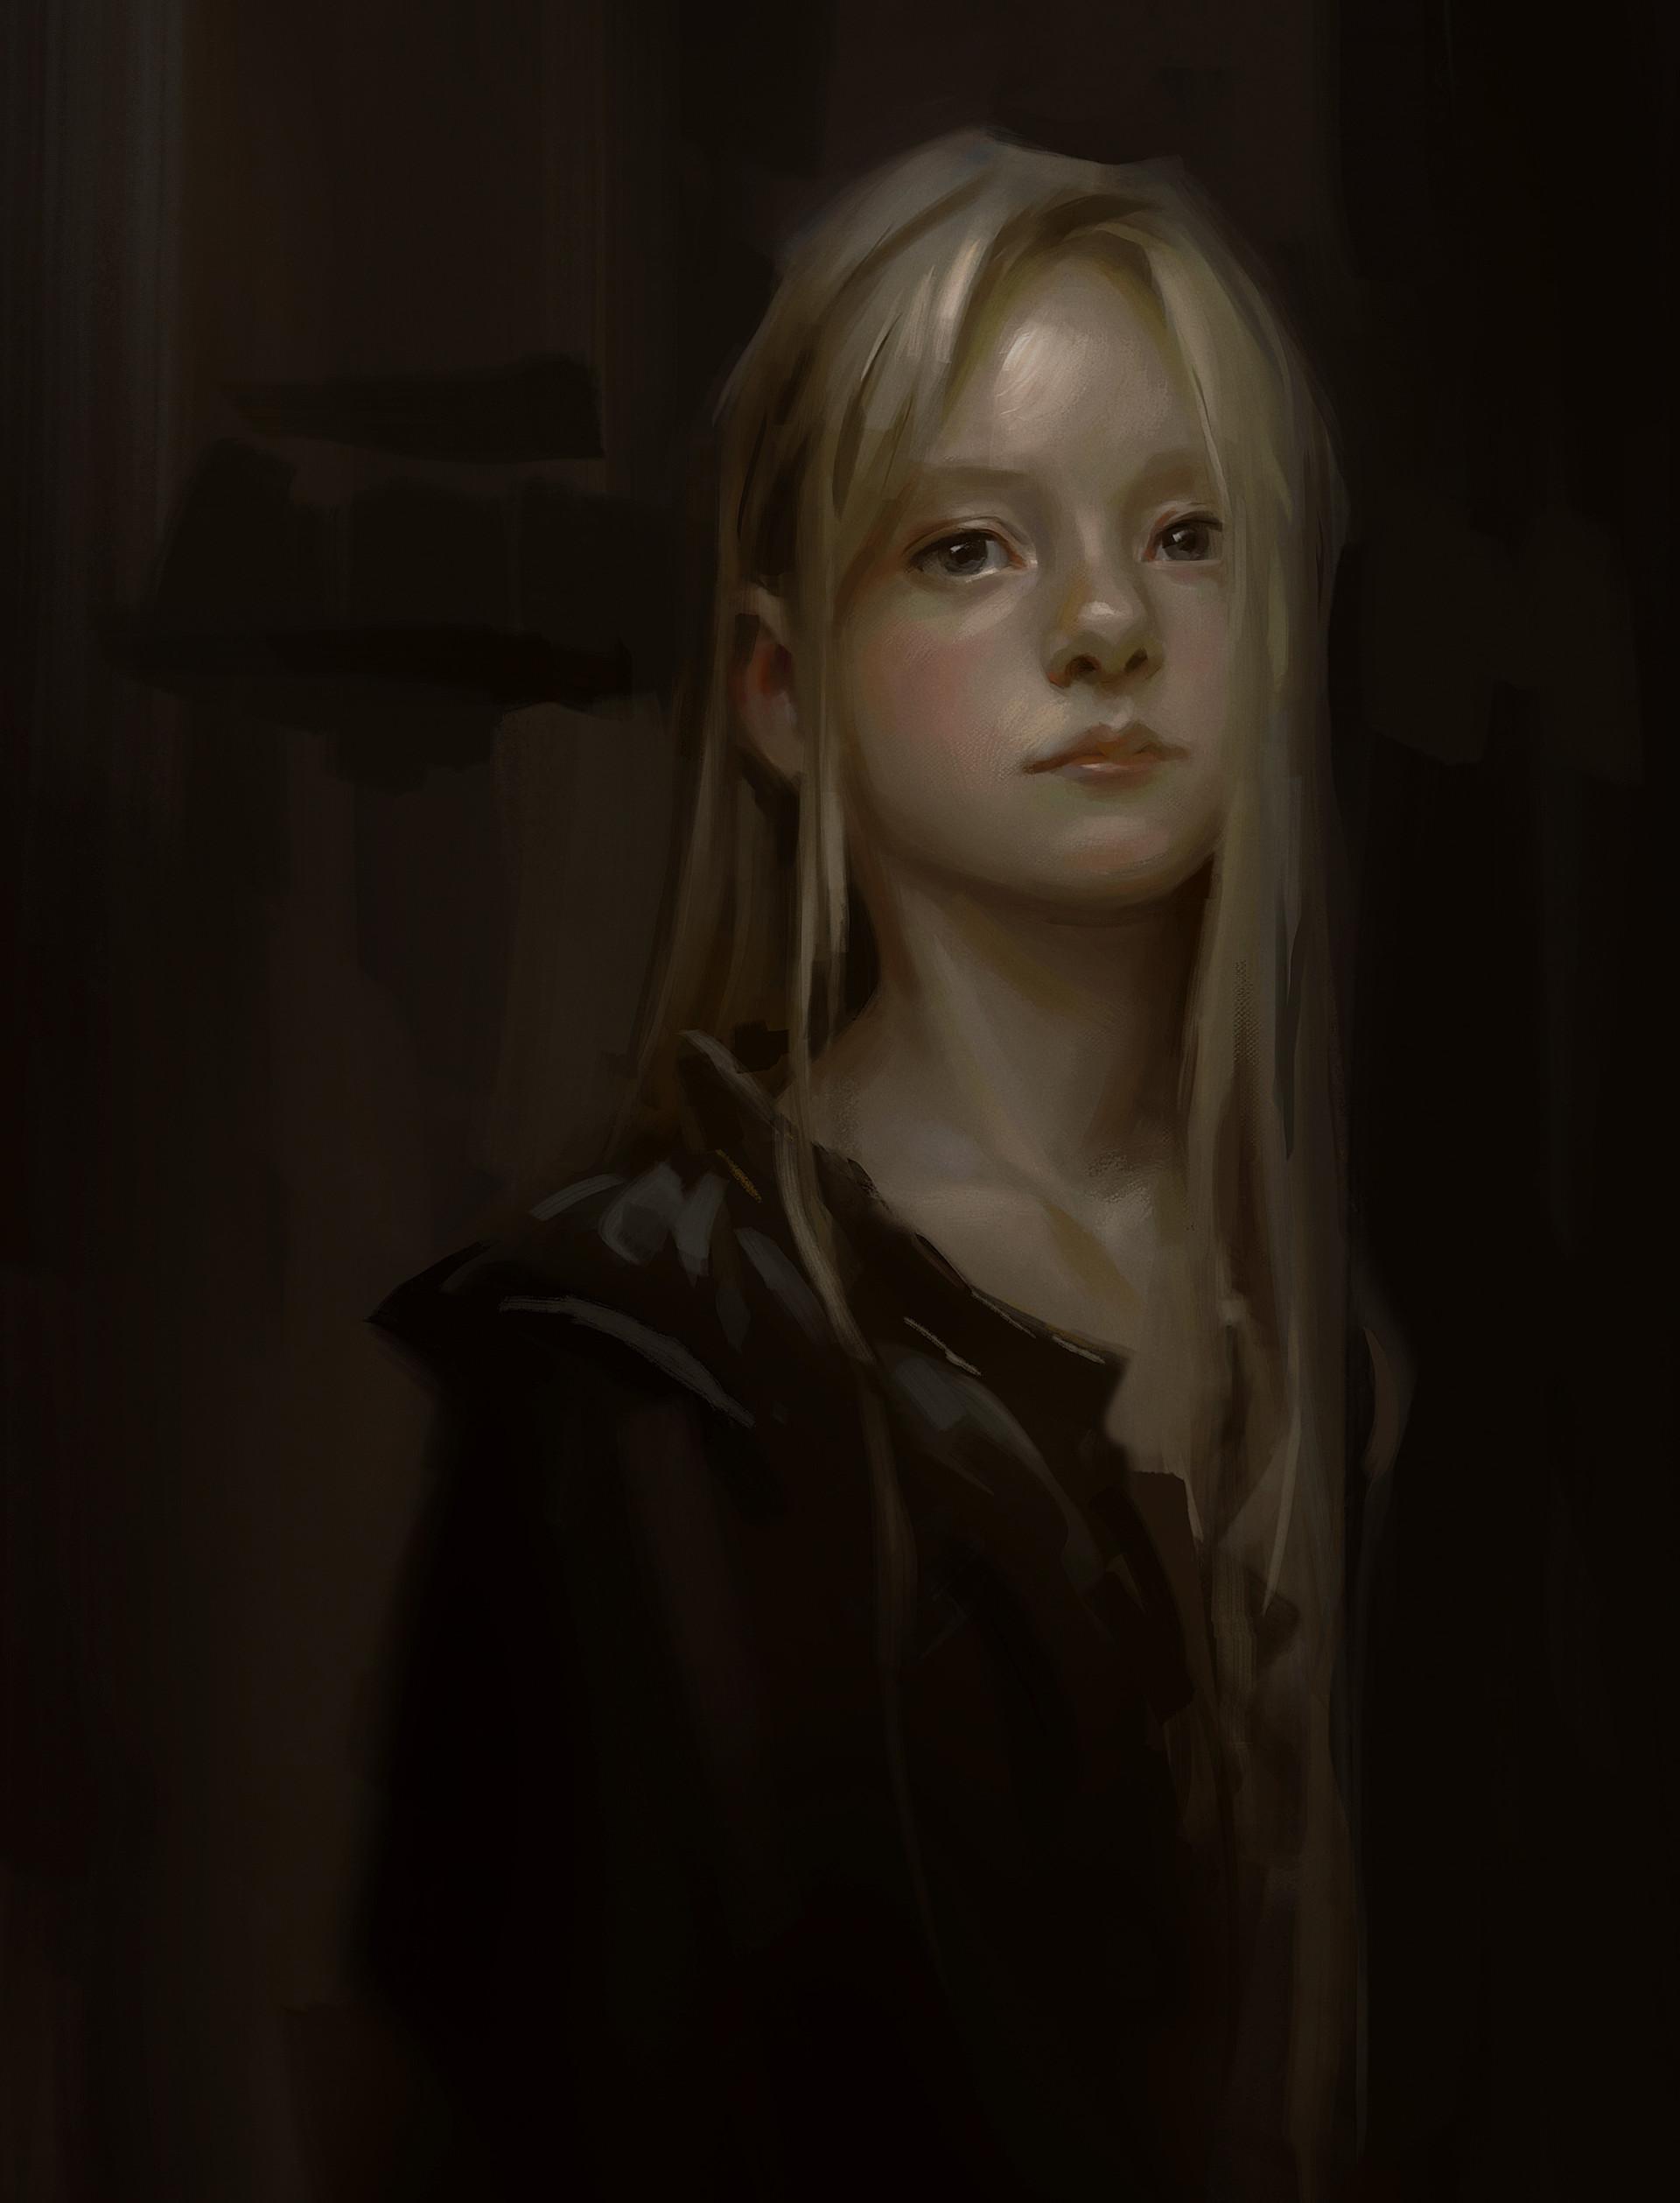 Lane brown blonde girl portriat v2